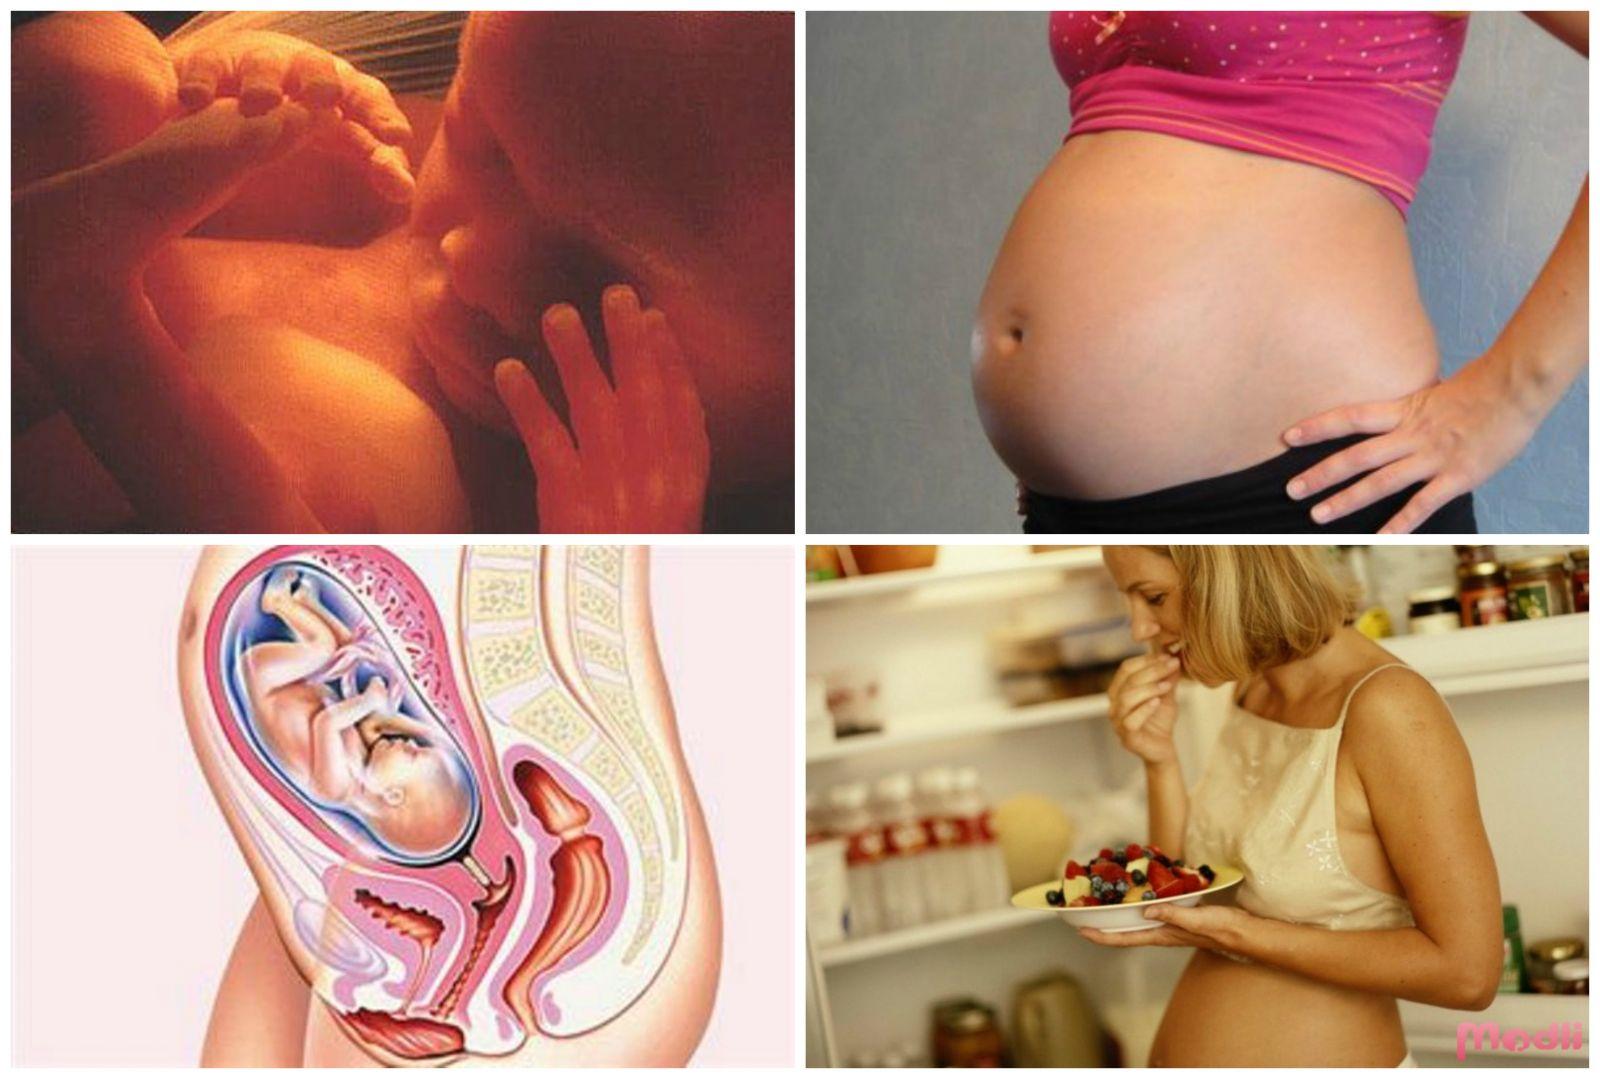 Фото внутренности беременной, Расположение органов при беременности 21 фотография